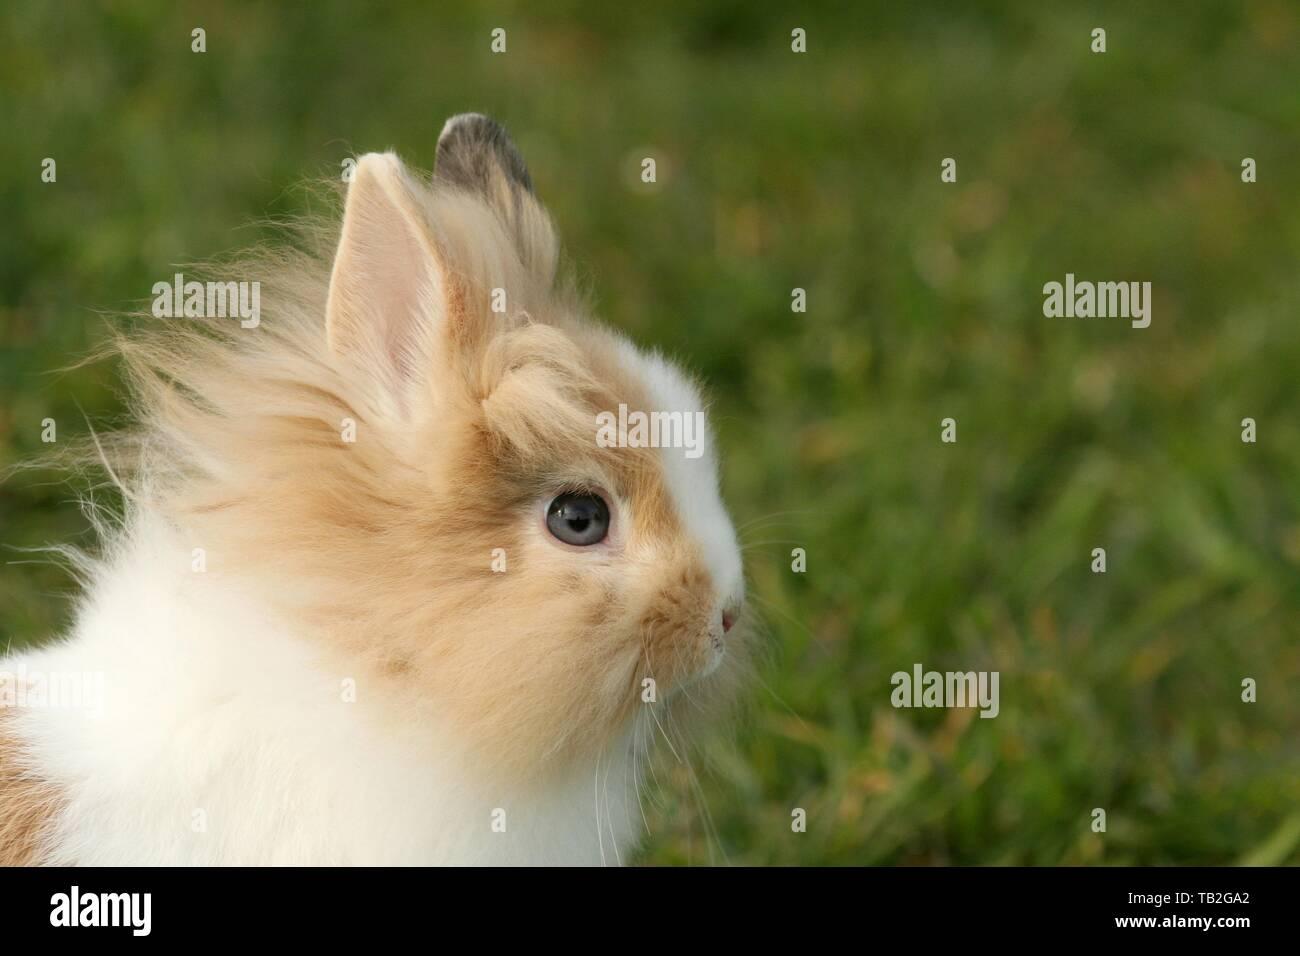 löwenköpfige Kaninchen Stockfoto